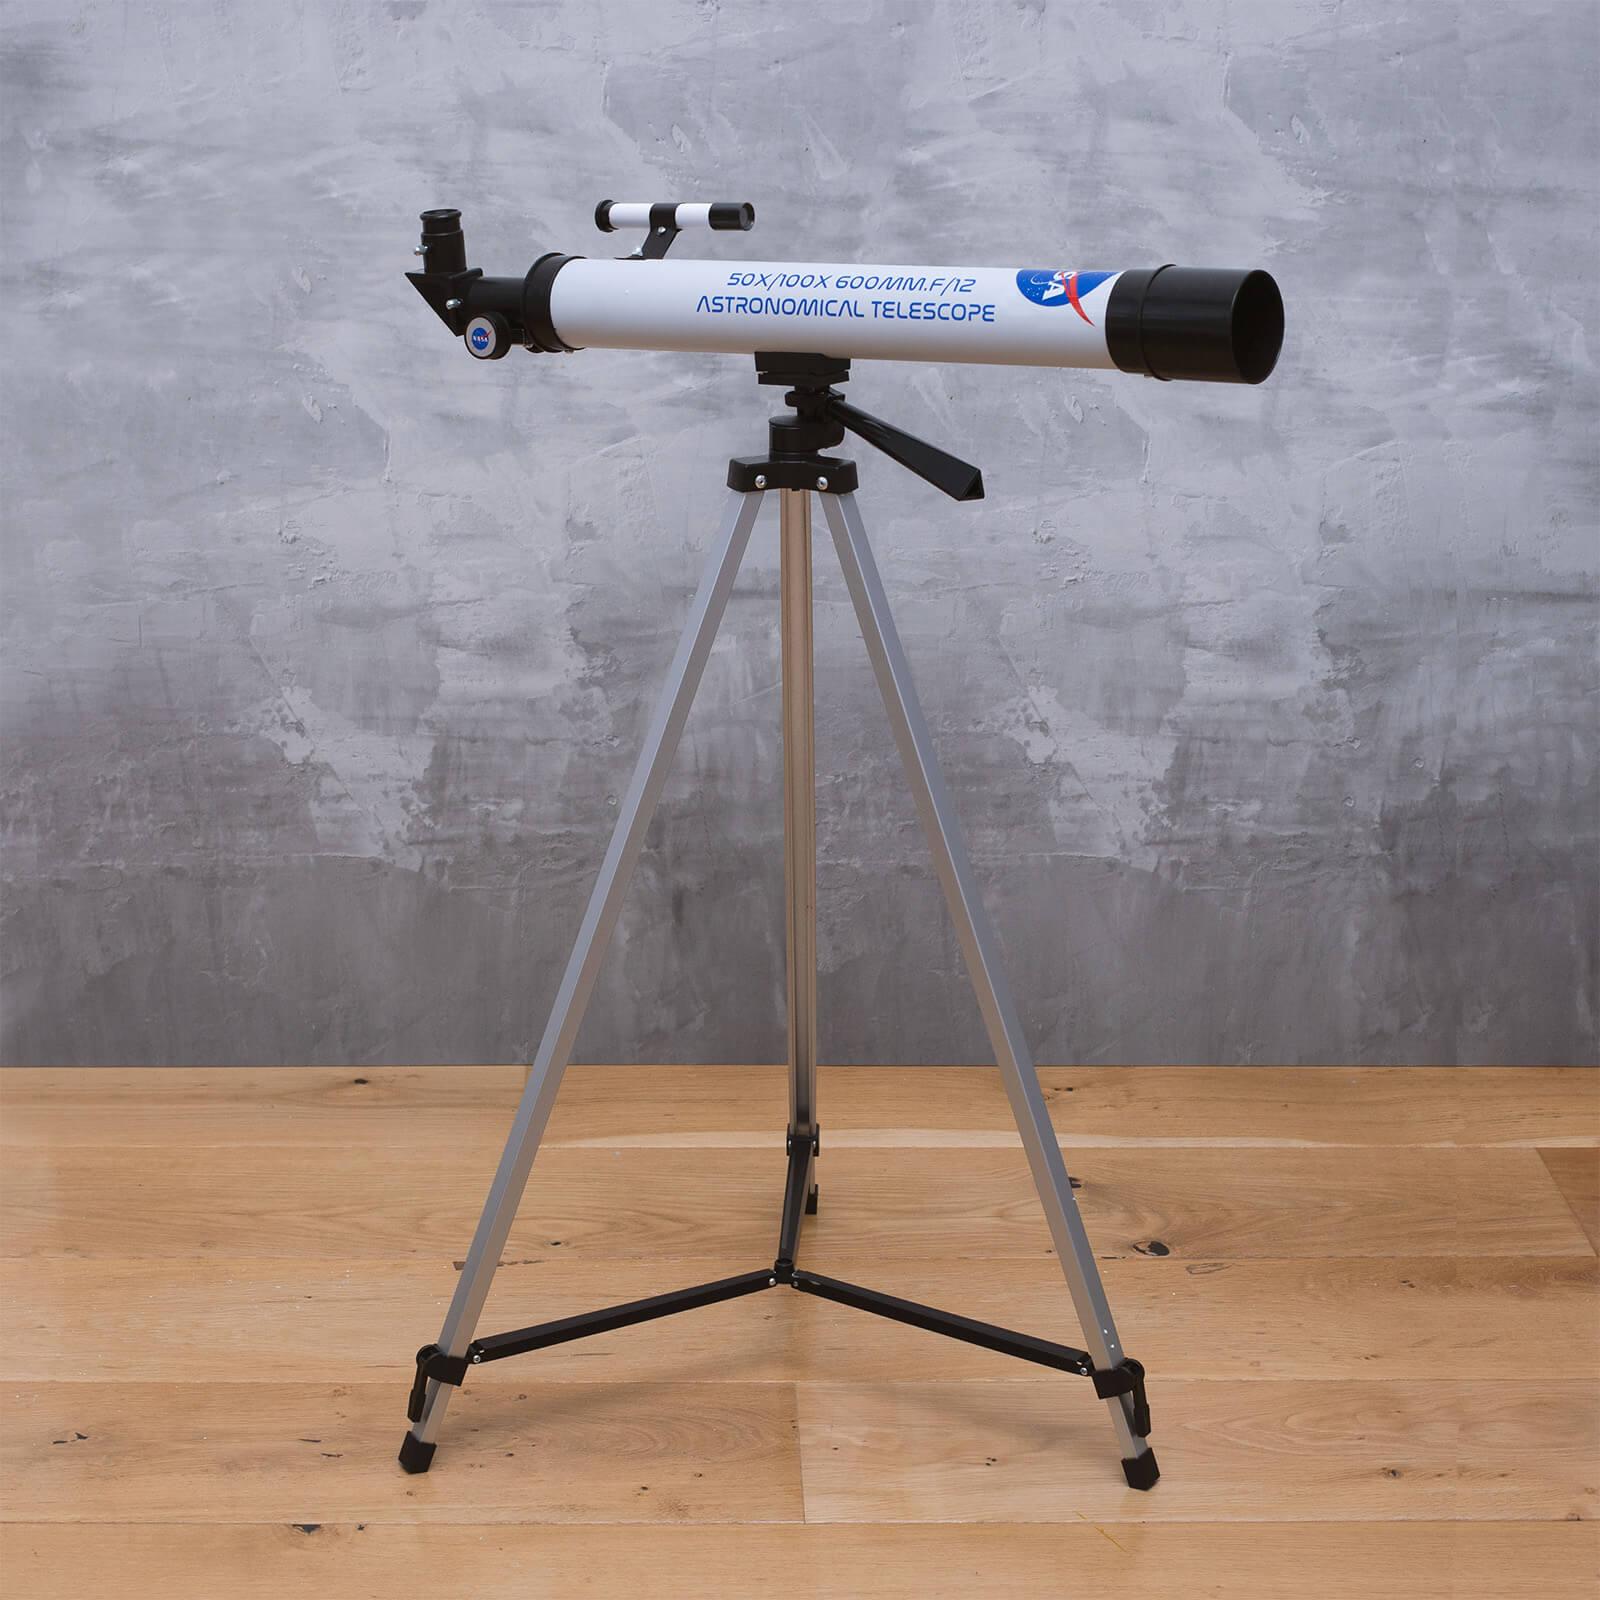 Exclusive NASA Telescope + NASA Multi-Tool + NASA Lunch Bag £49.99 delivered at IWOOT